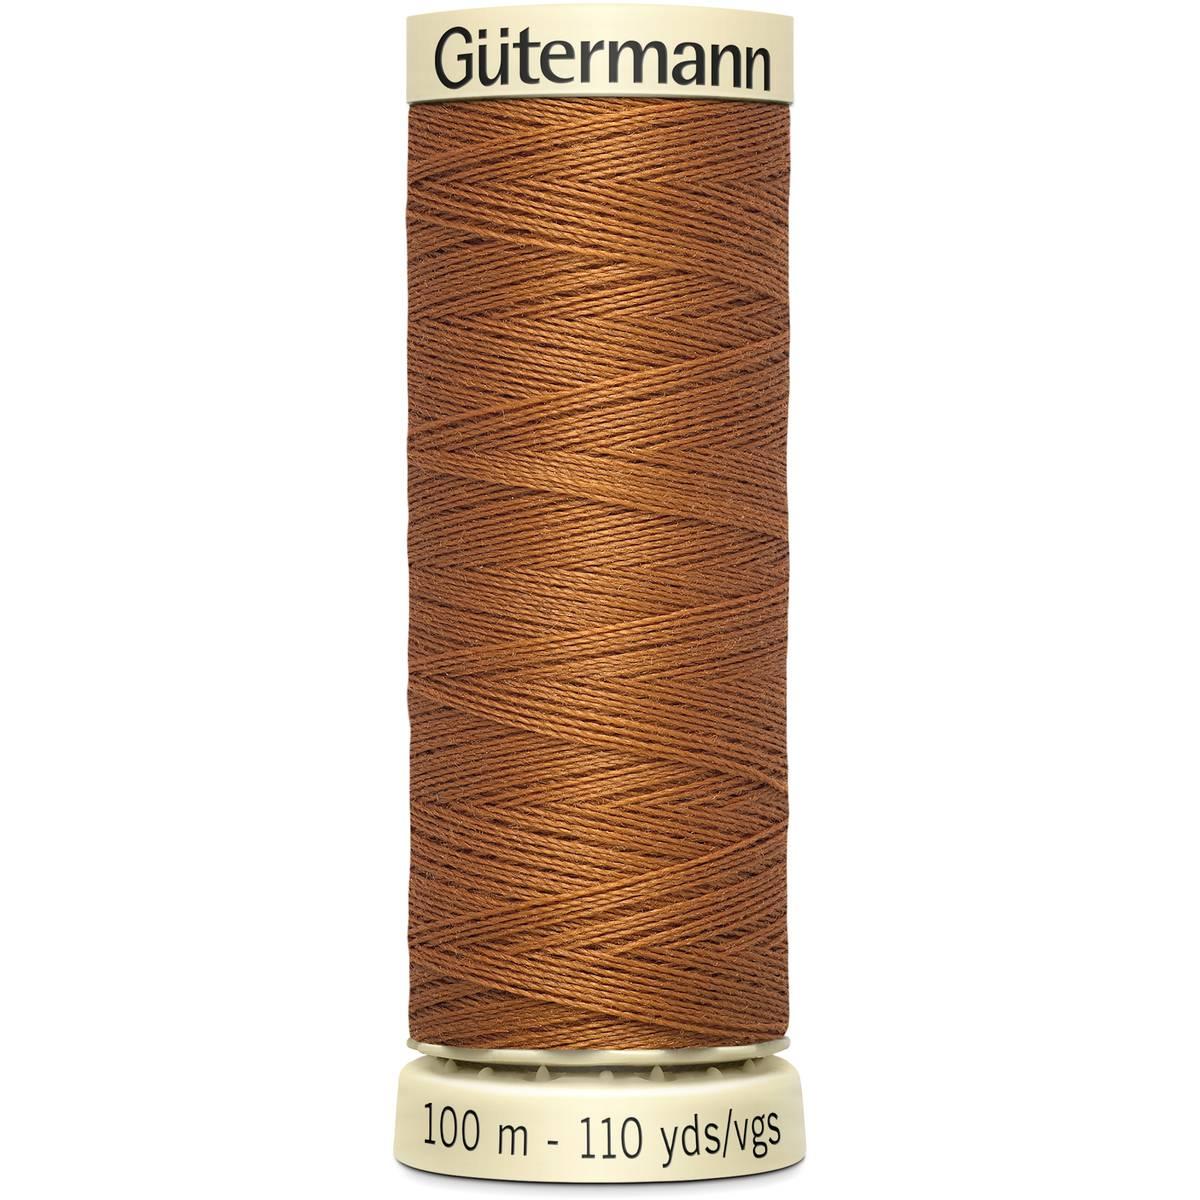 חוט תפירה גוטרמן - Brown 448